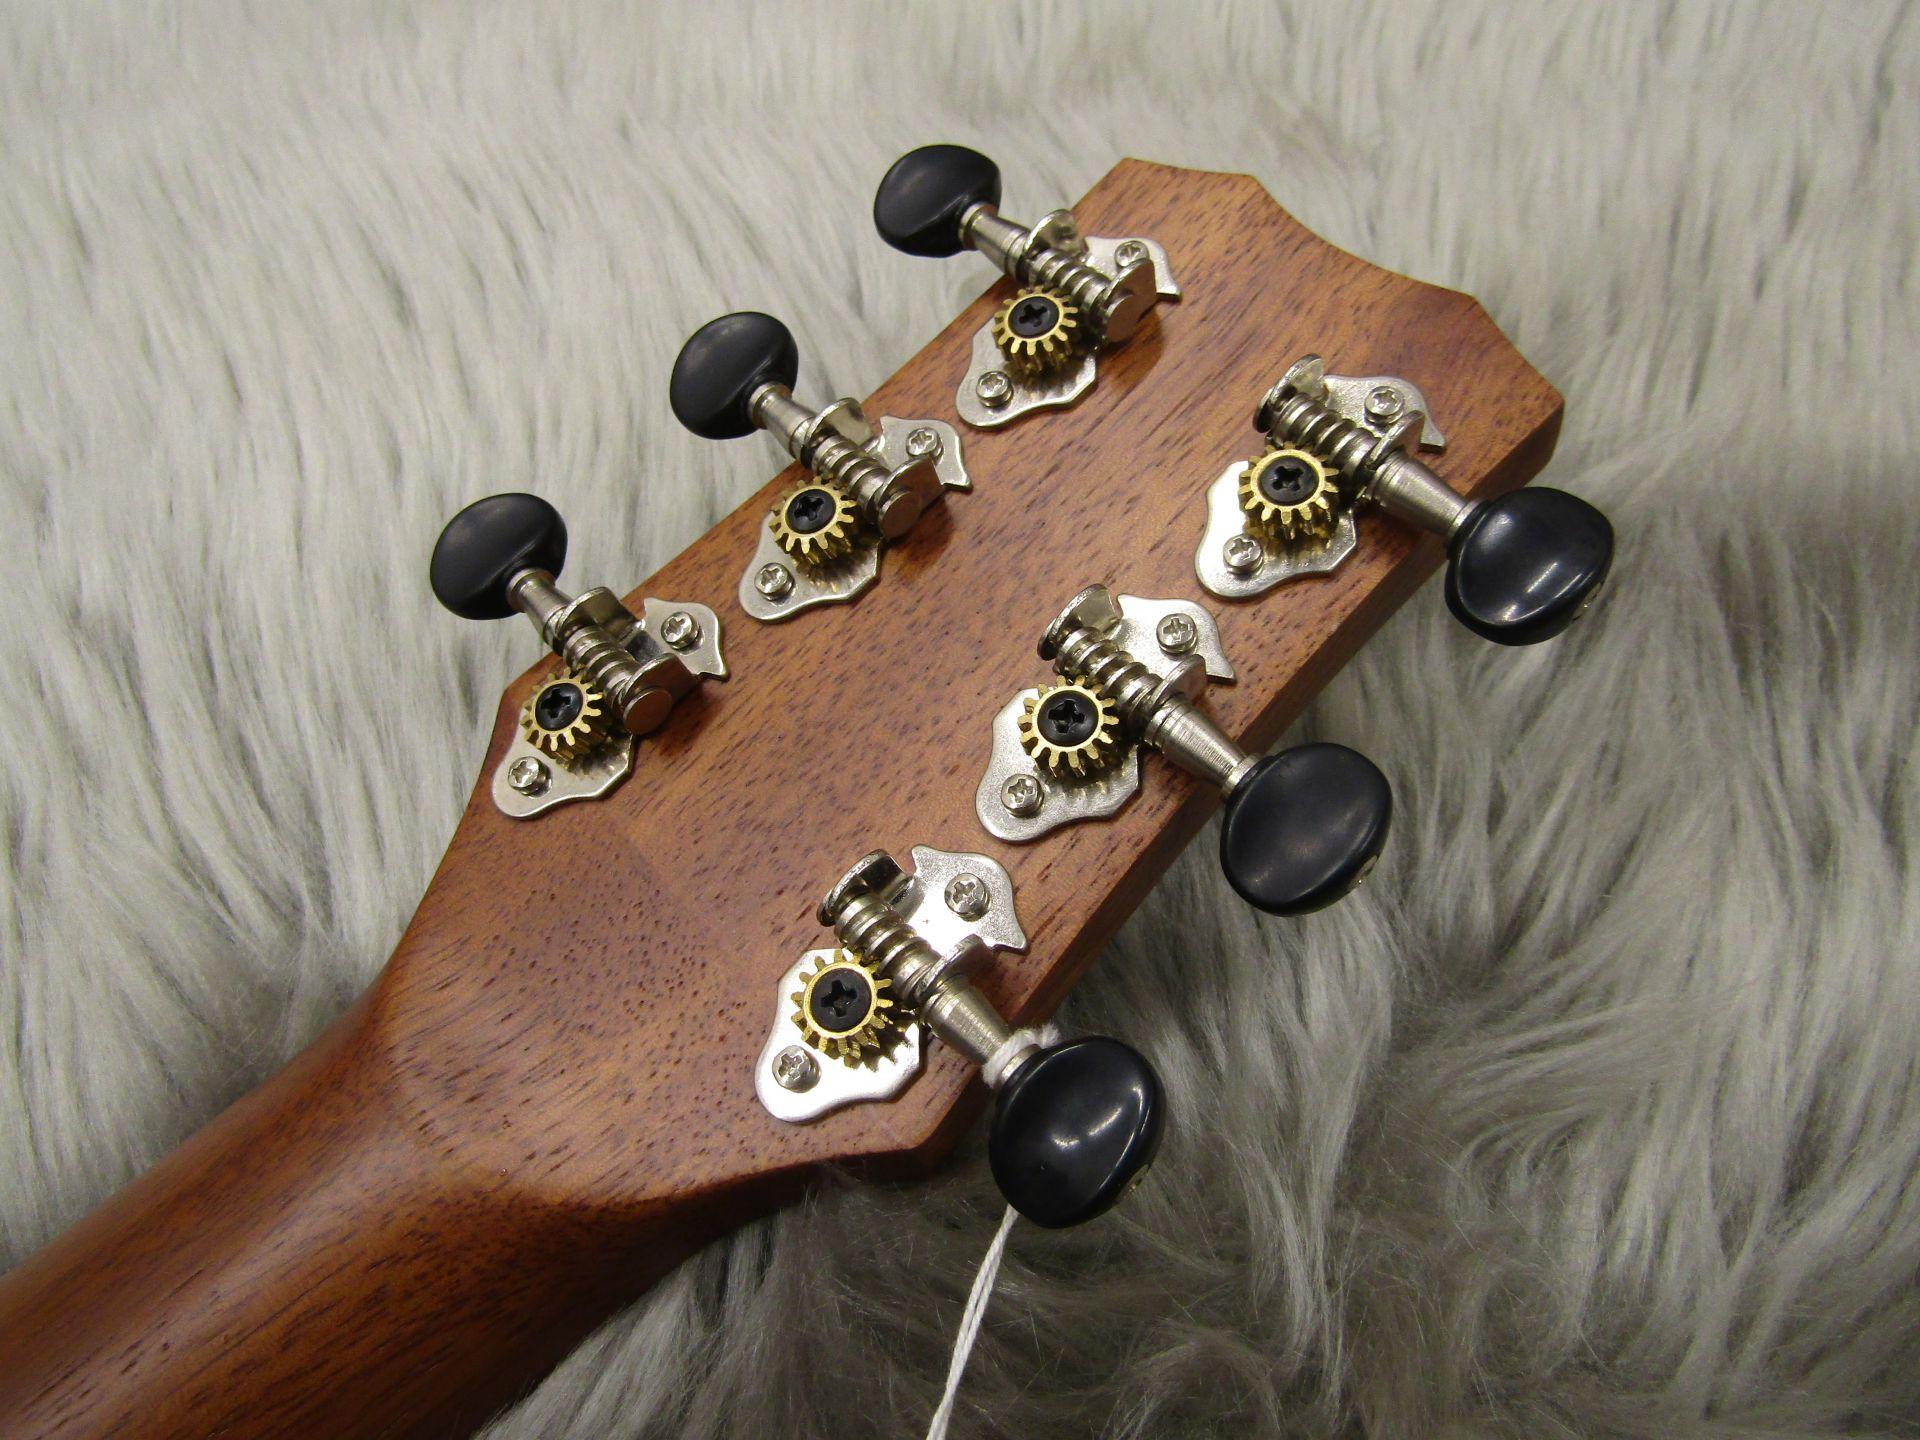 CoCo Guitarのヘッド裏-アップ画像